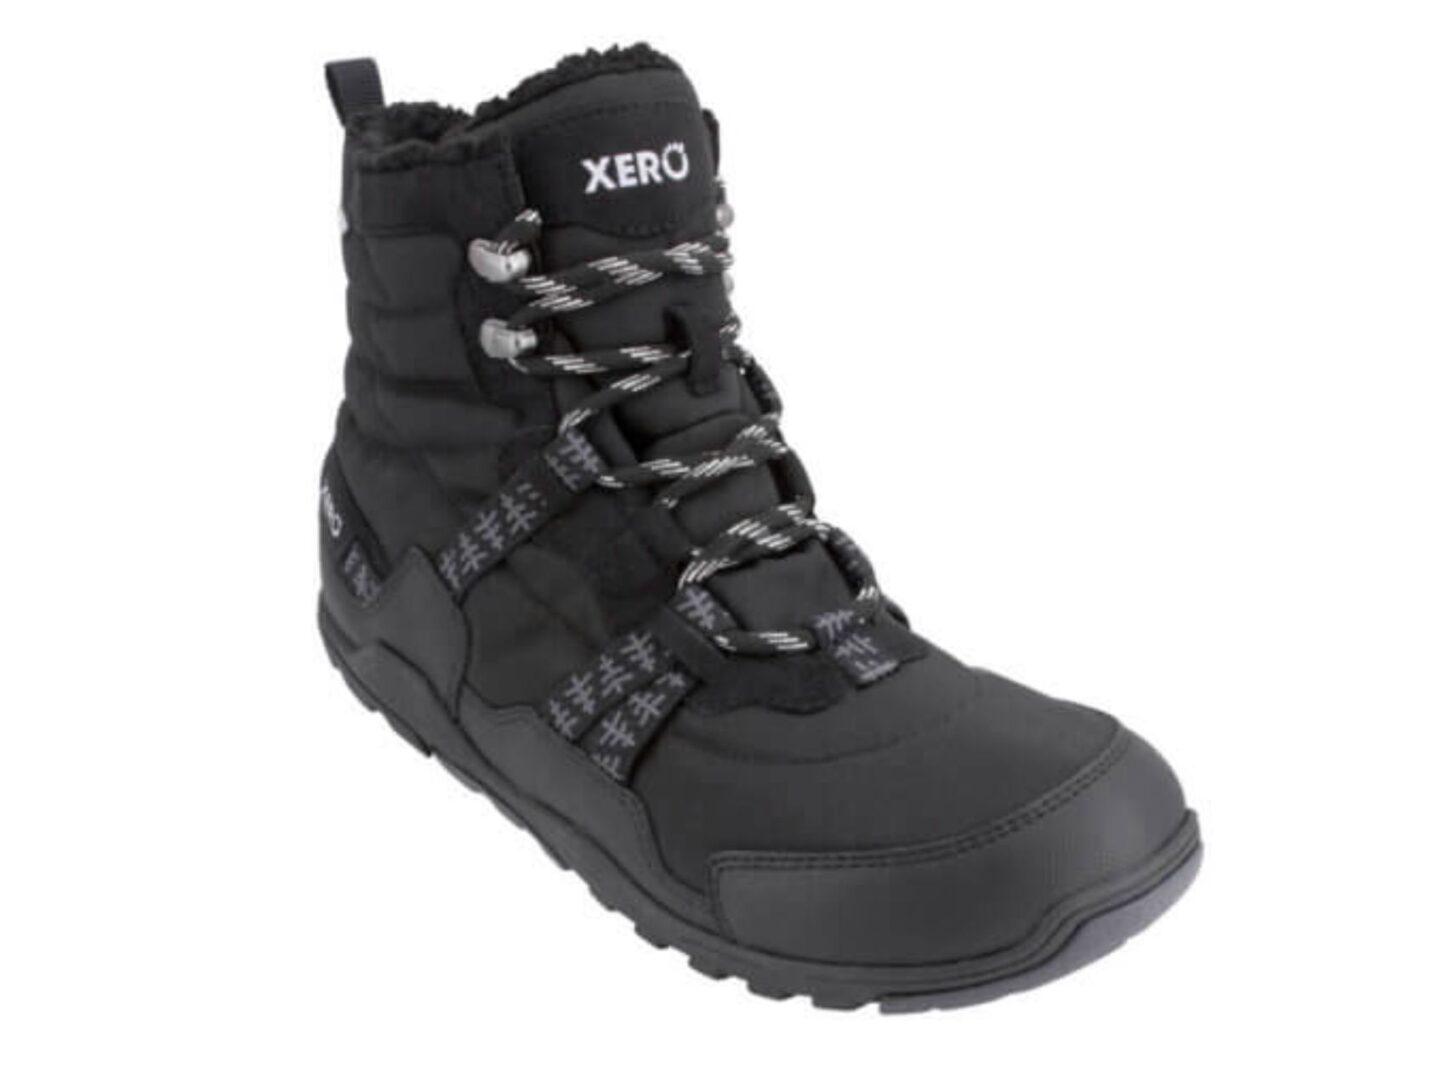 Xero Shoes Alpine Snow Boot - stock image